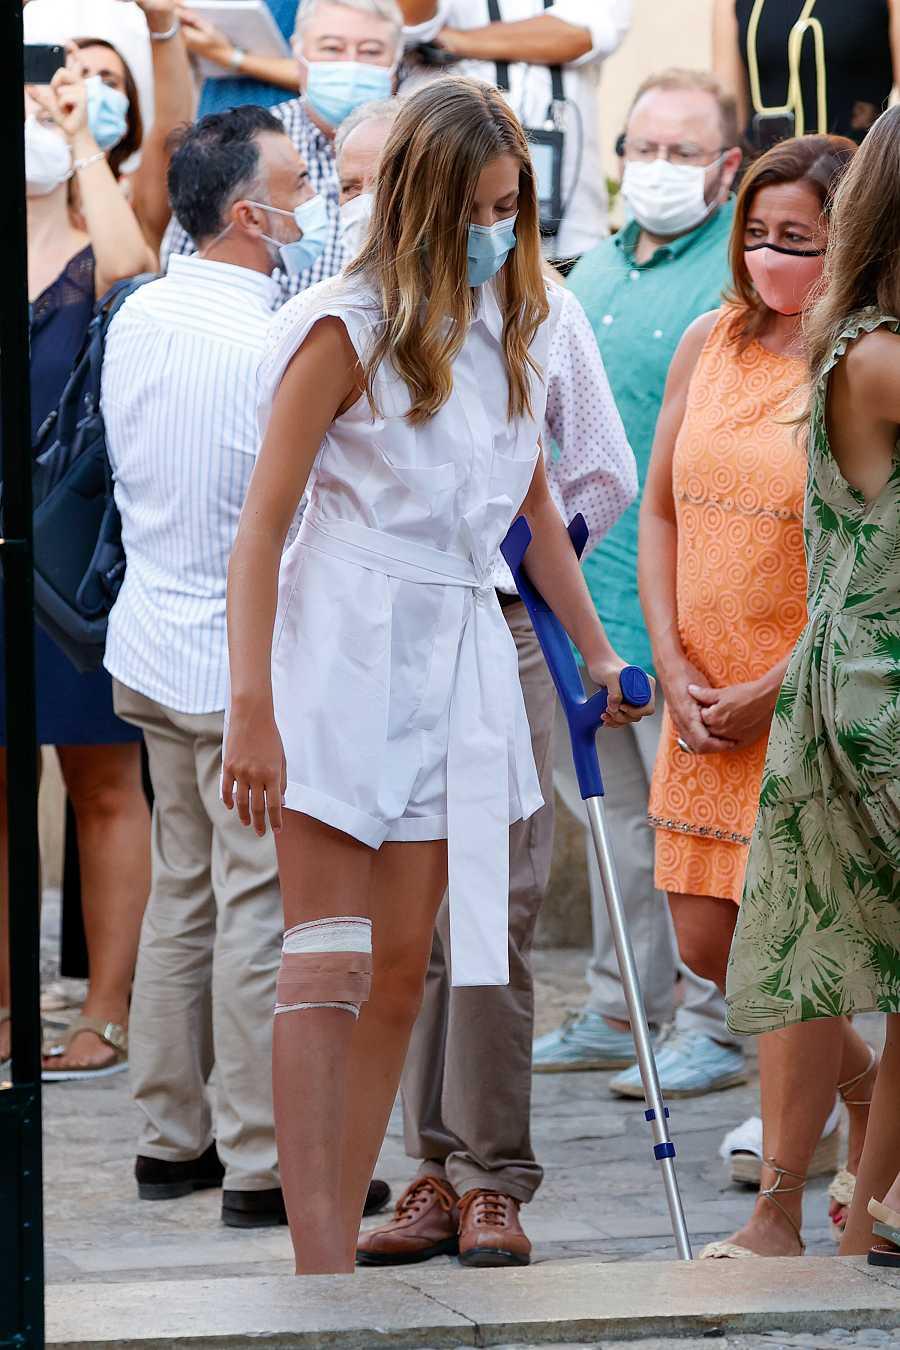 La infanta Leonor ha asistido con un vendaje en la rodilla y sujetada a una muleta